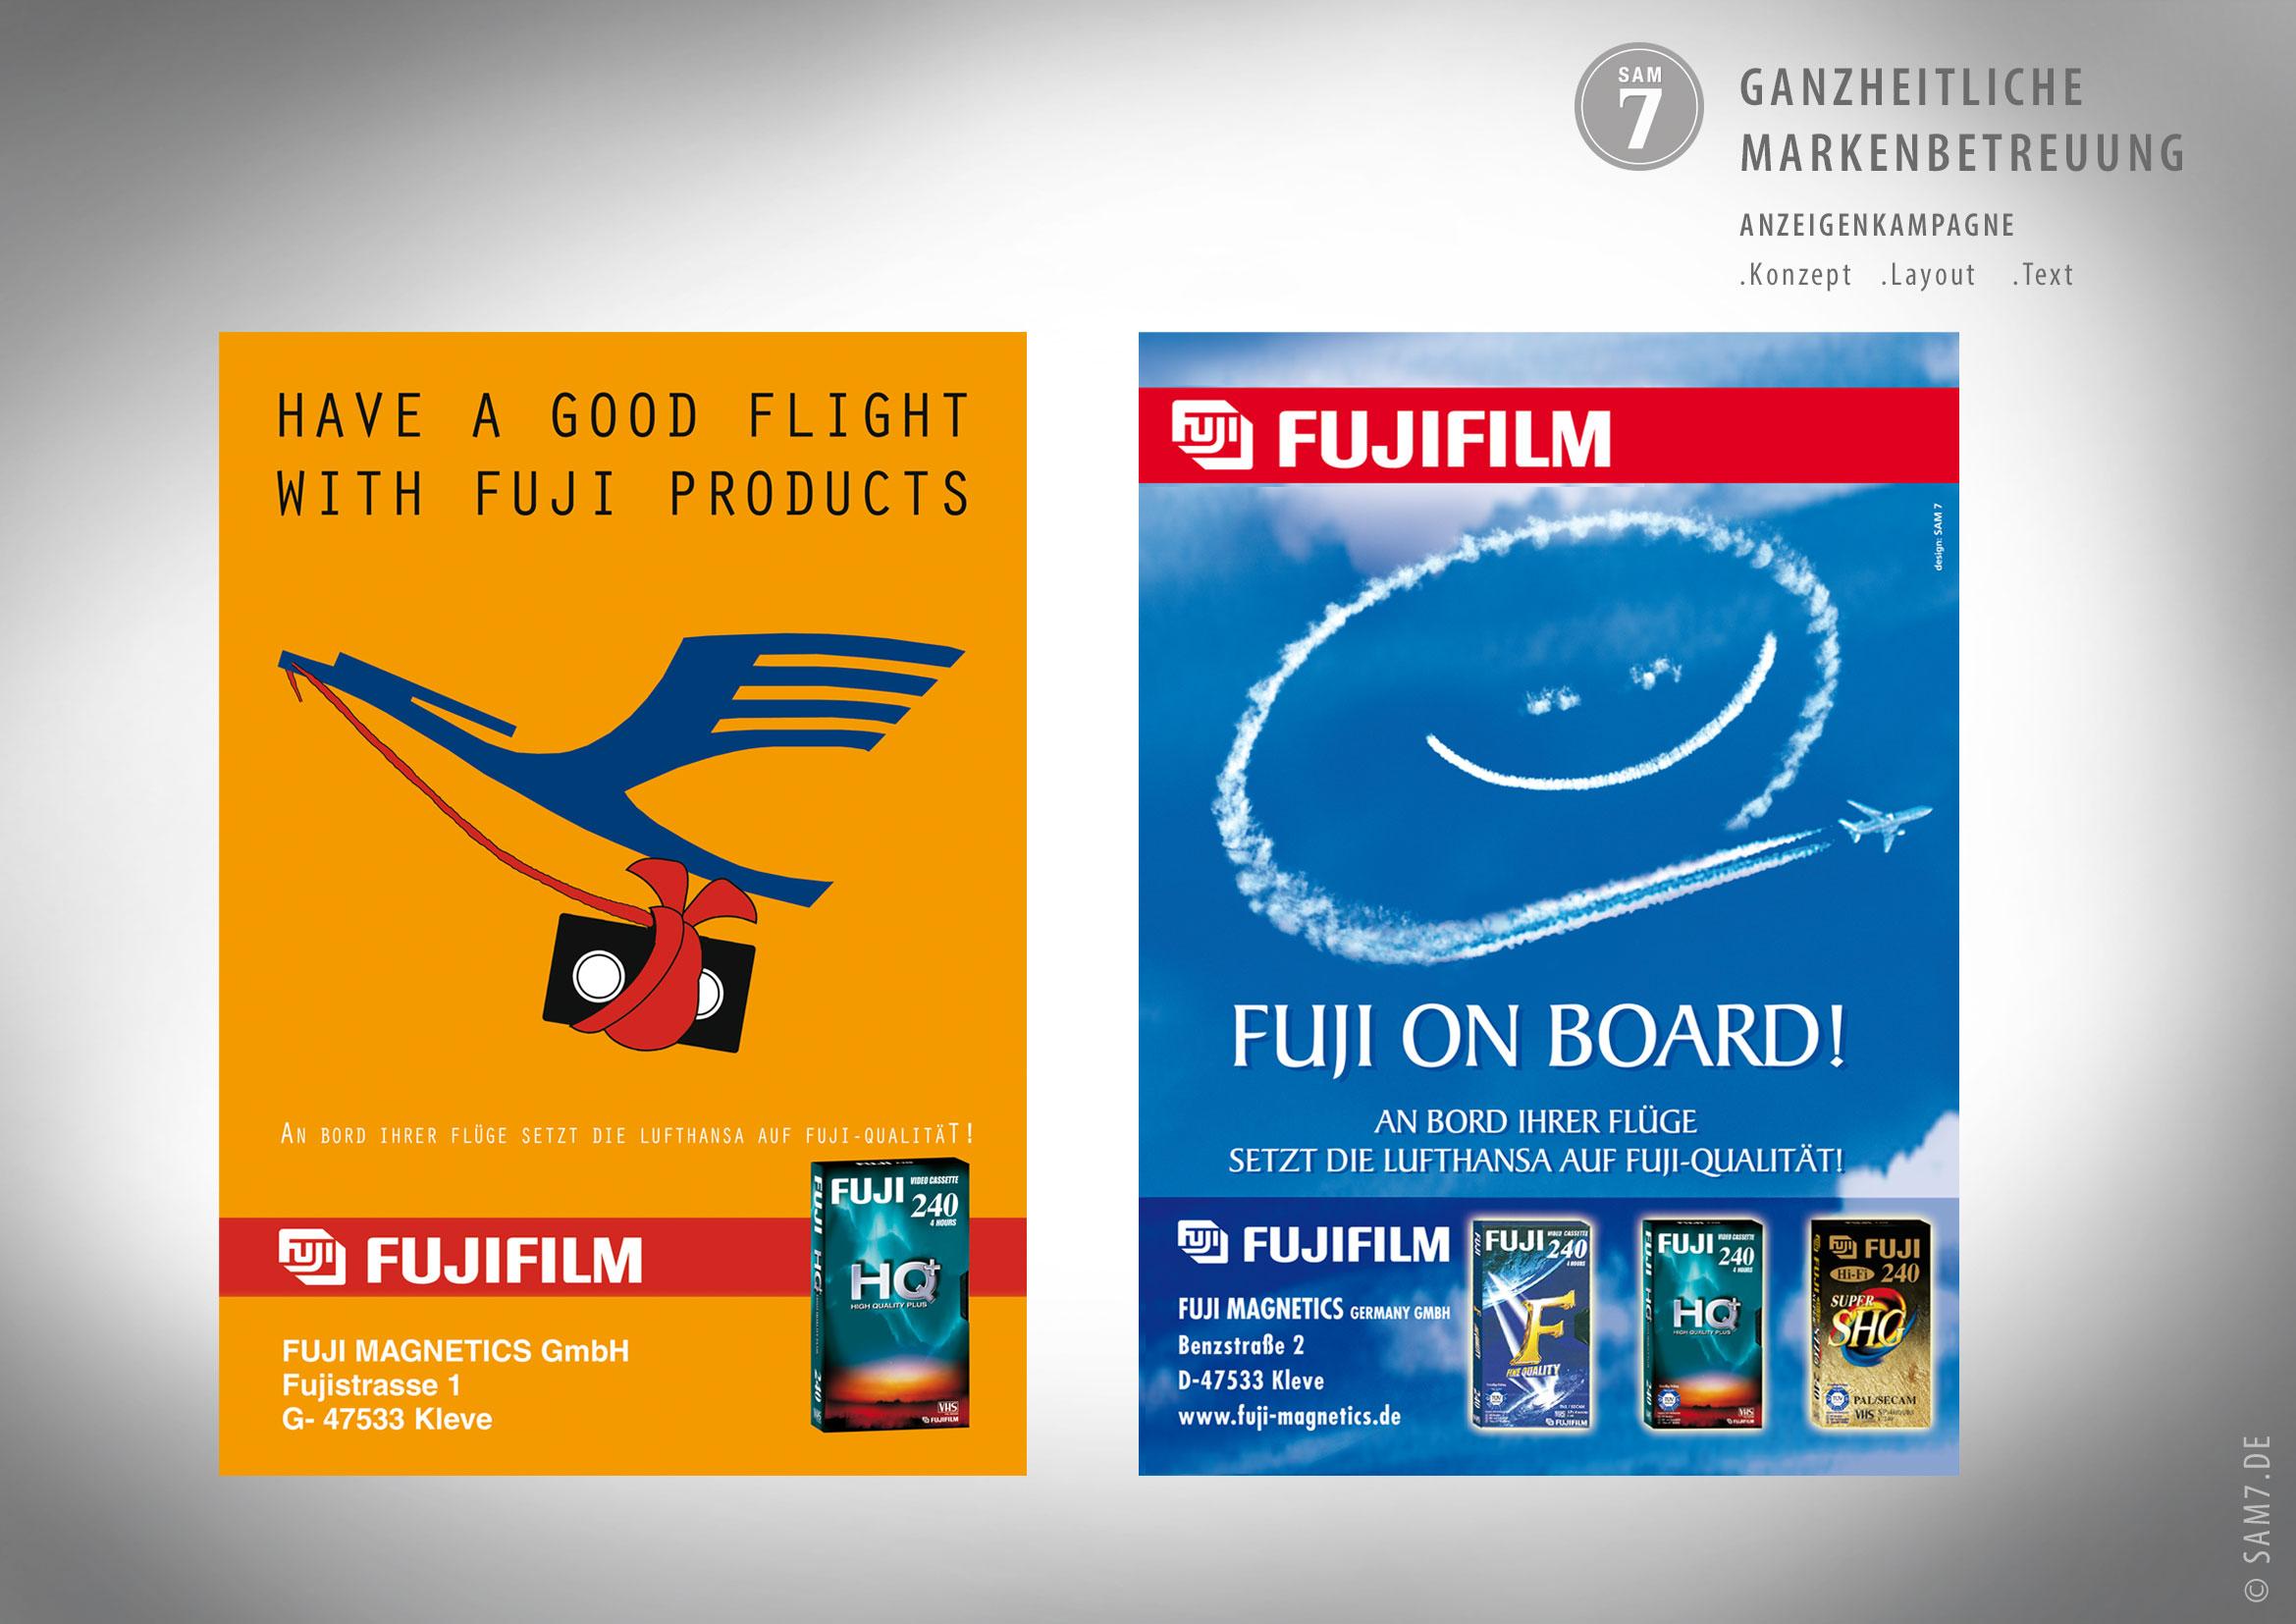 Design Anzeigen Fujifilm